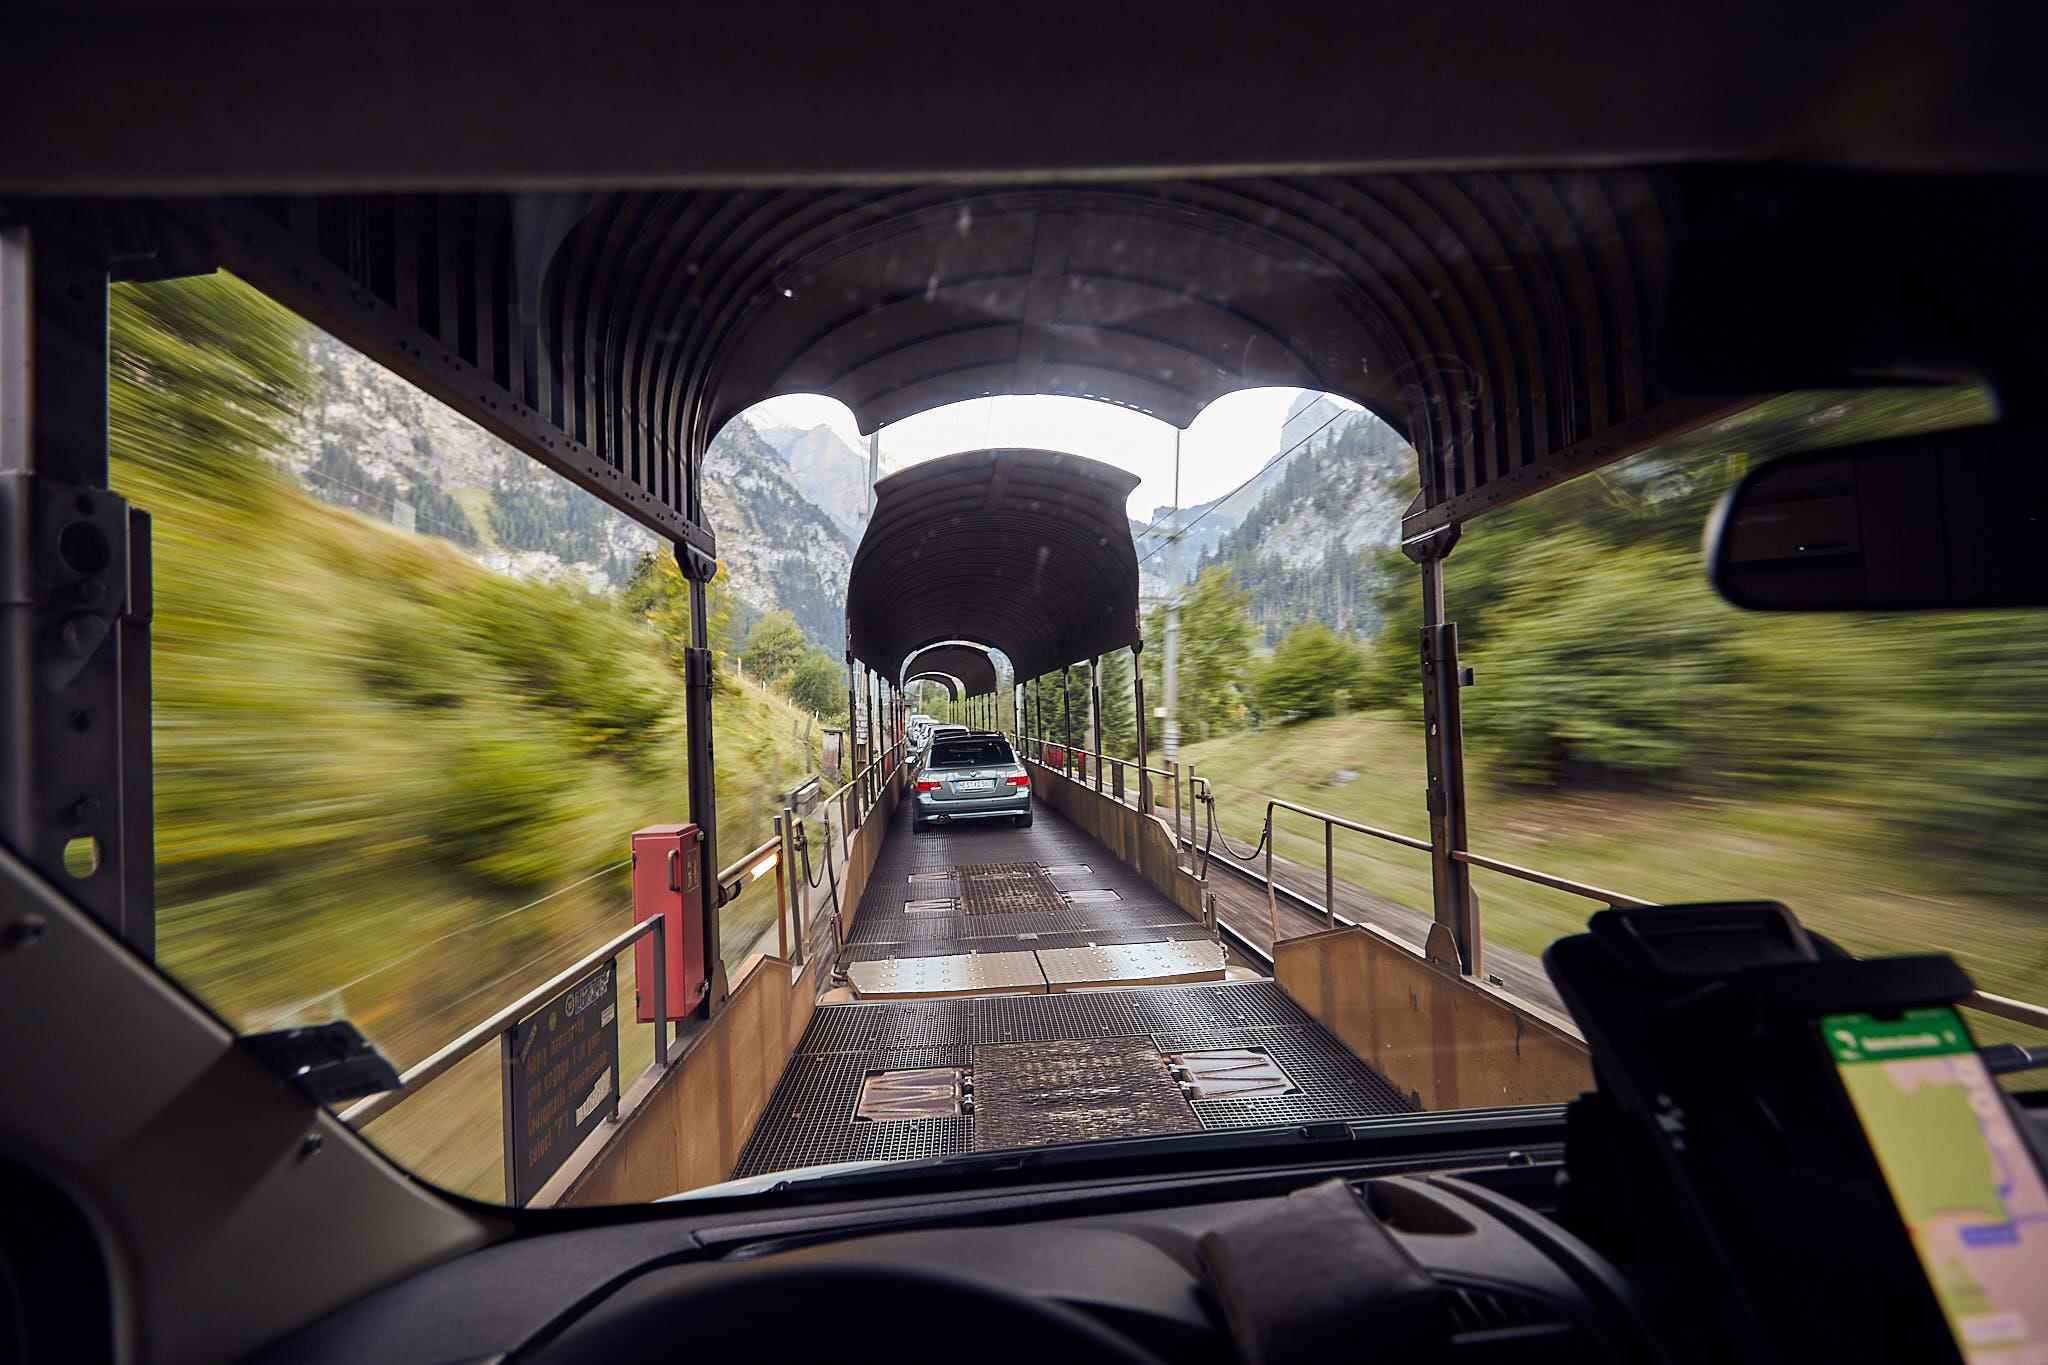 Asa arata platforma de tren pe care a trebuit sa urcam autorulota. Pretty cool!